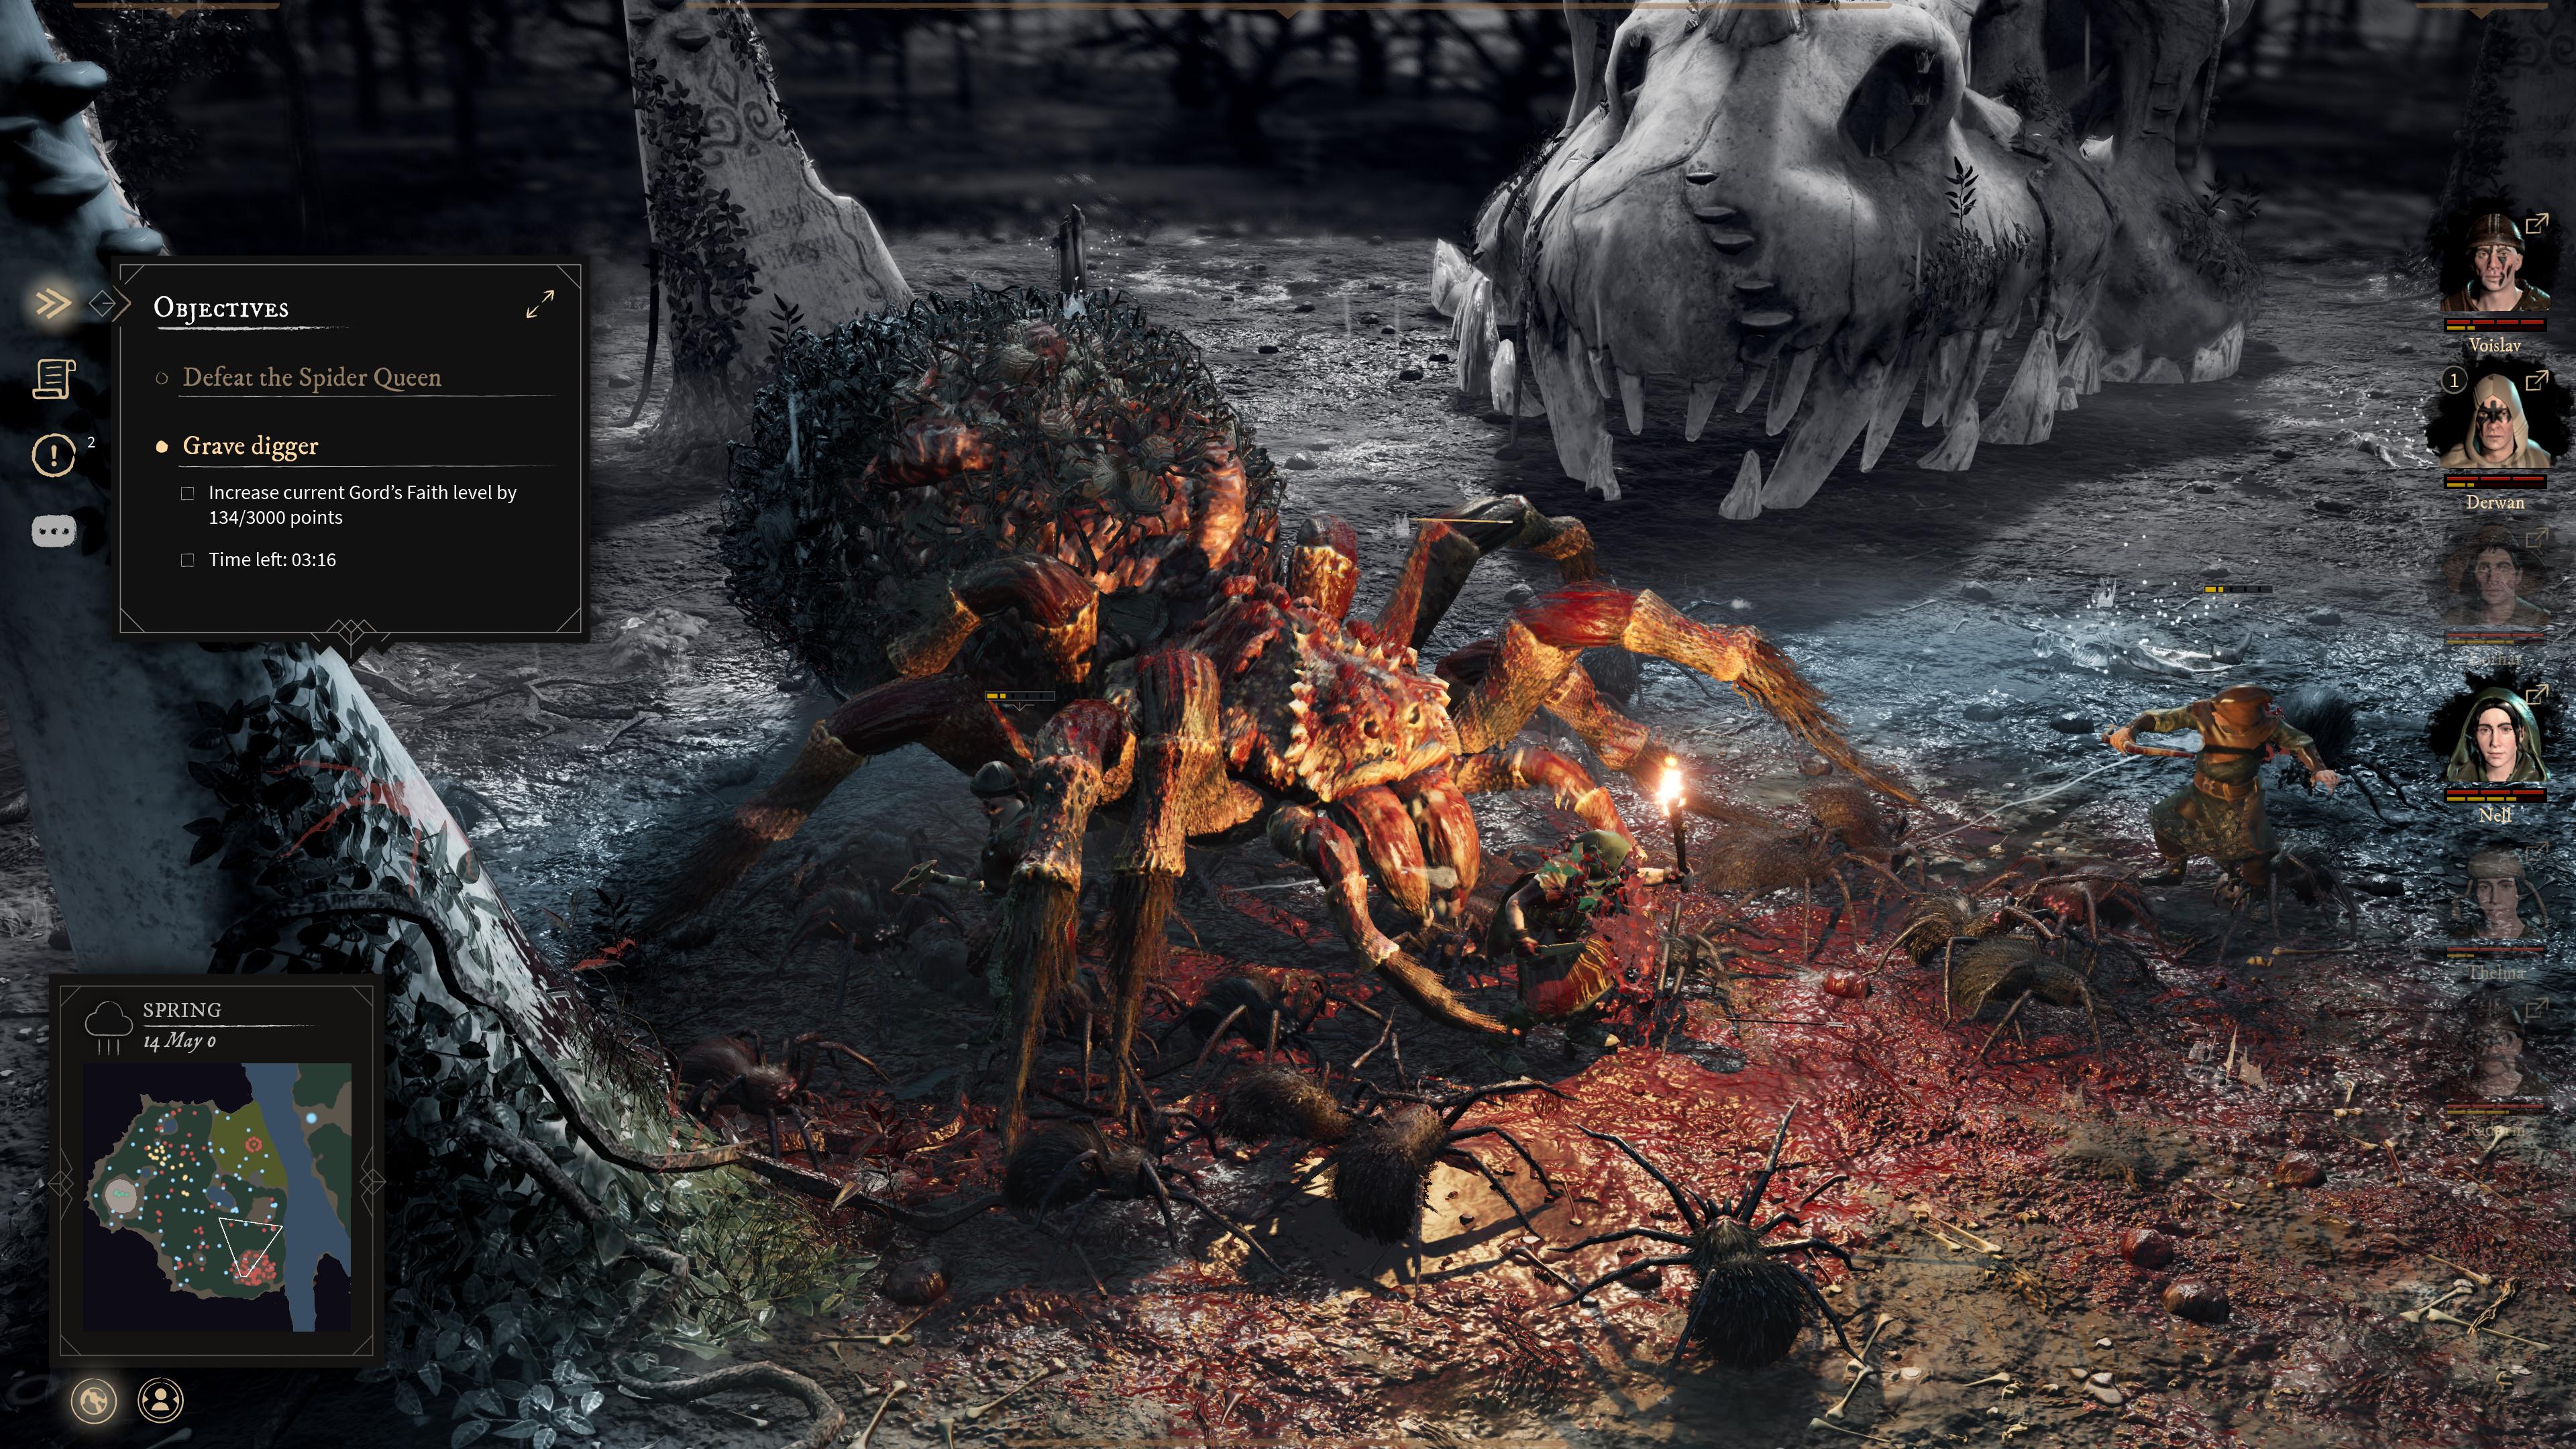 Game mới từ nhóm các nhà phát triển từng làm The Witcher 3: kết hợp phiêu lưu và quản lý thành phố, thế giới tăm tối chẳng khác gì quê Geralt - Ảnh 3.